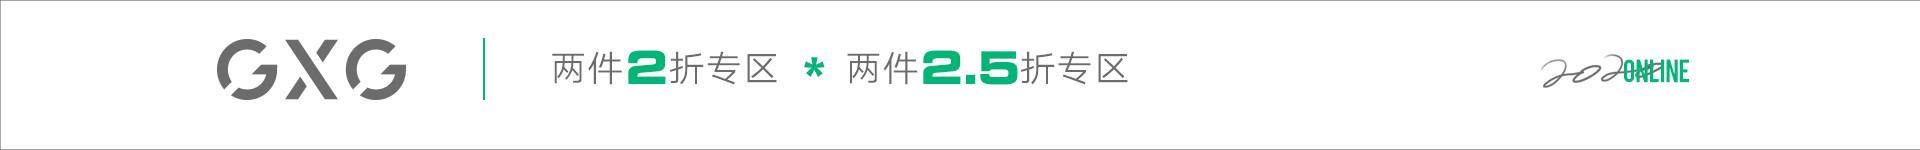 苏宁易购  GXG促销  任选2件2折/2.5折